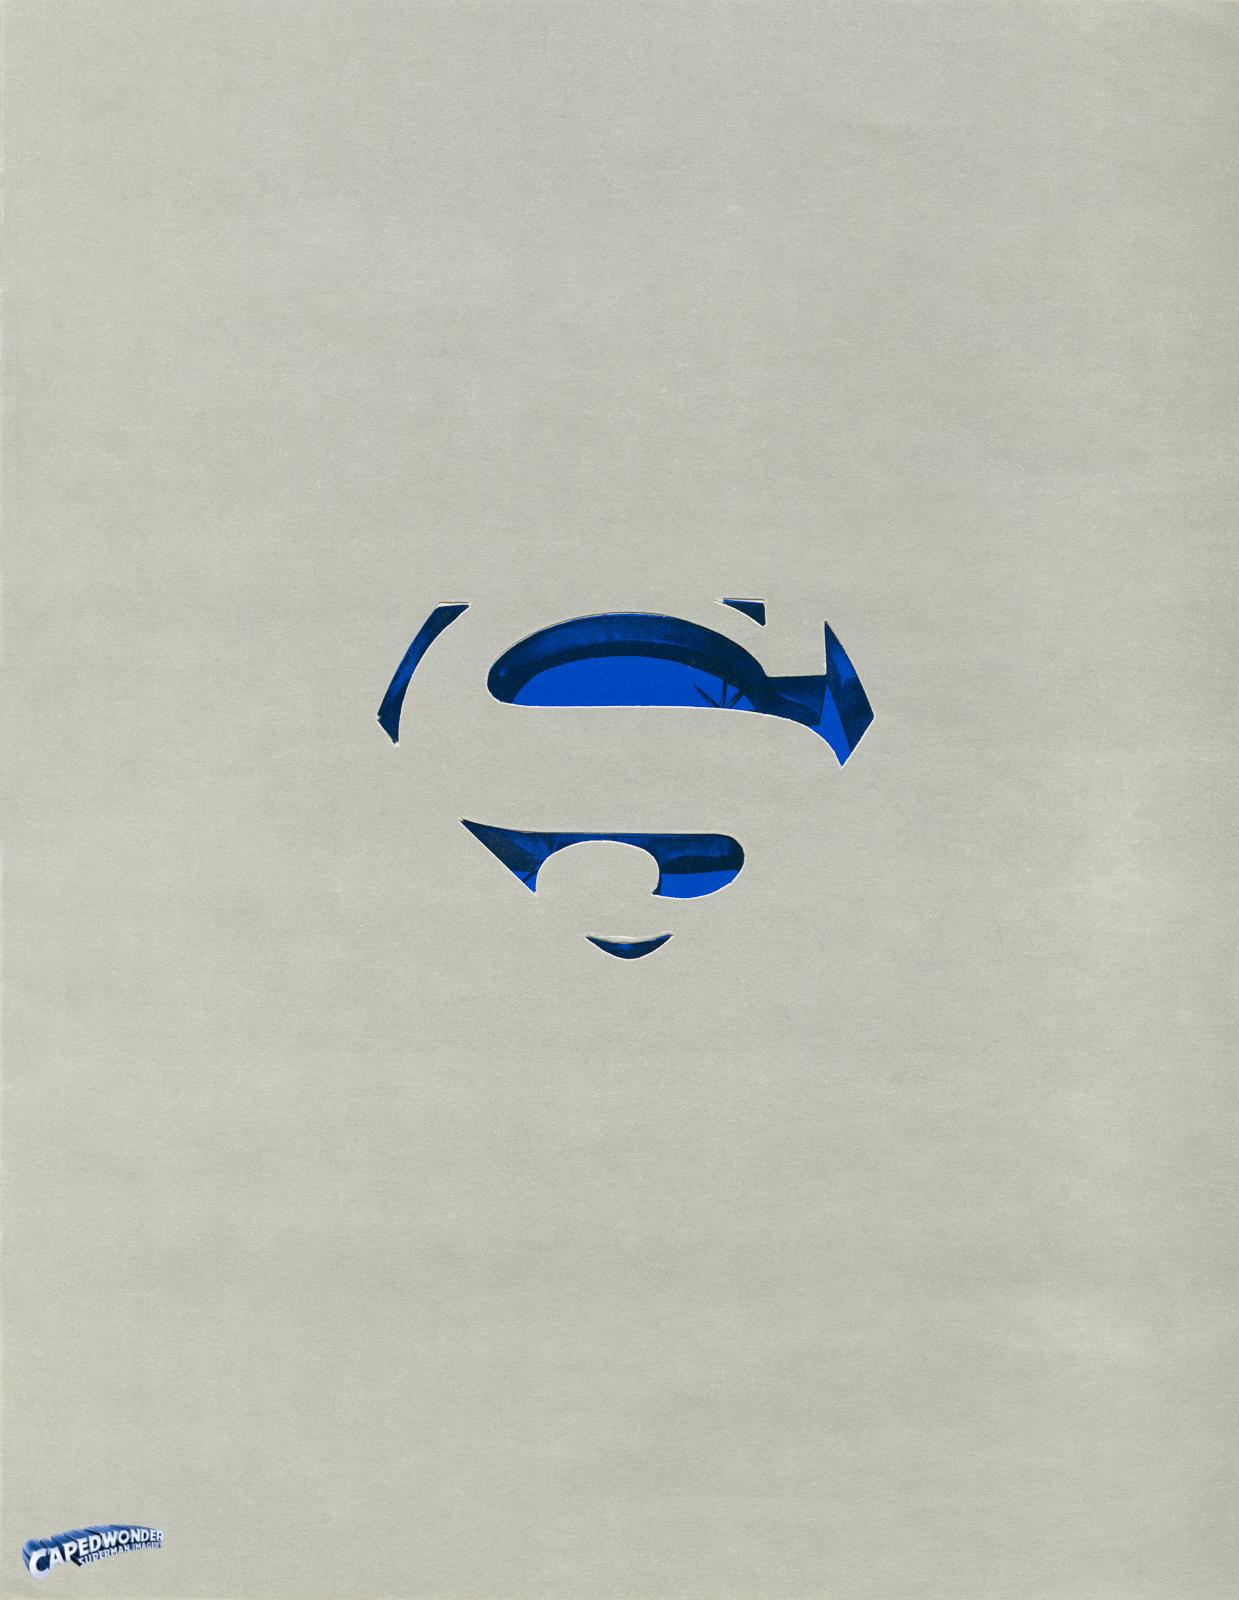 premiere-book-Dec-14-78-1